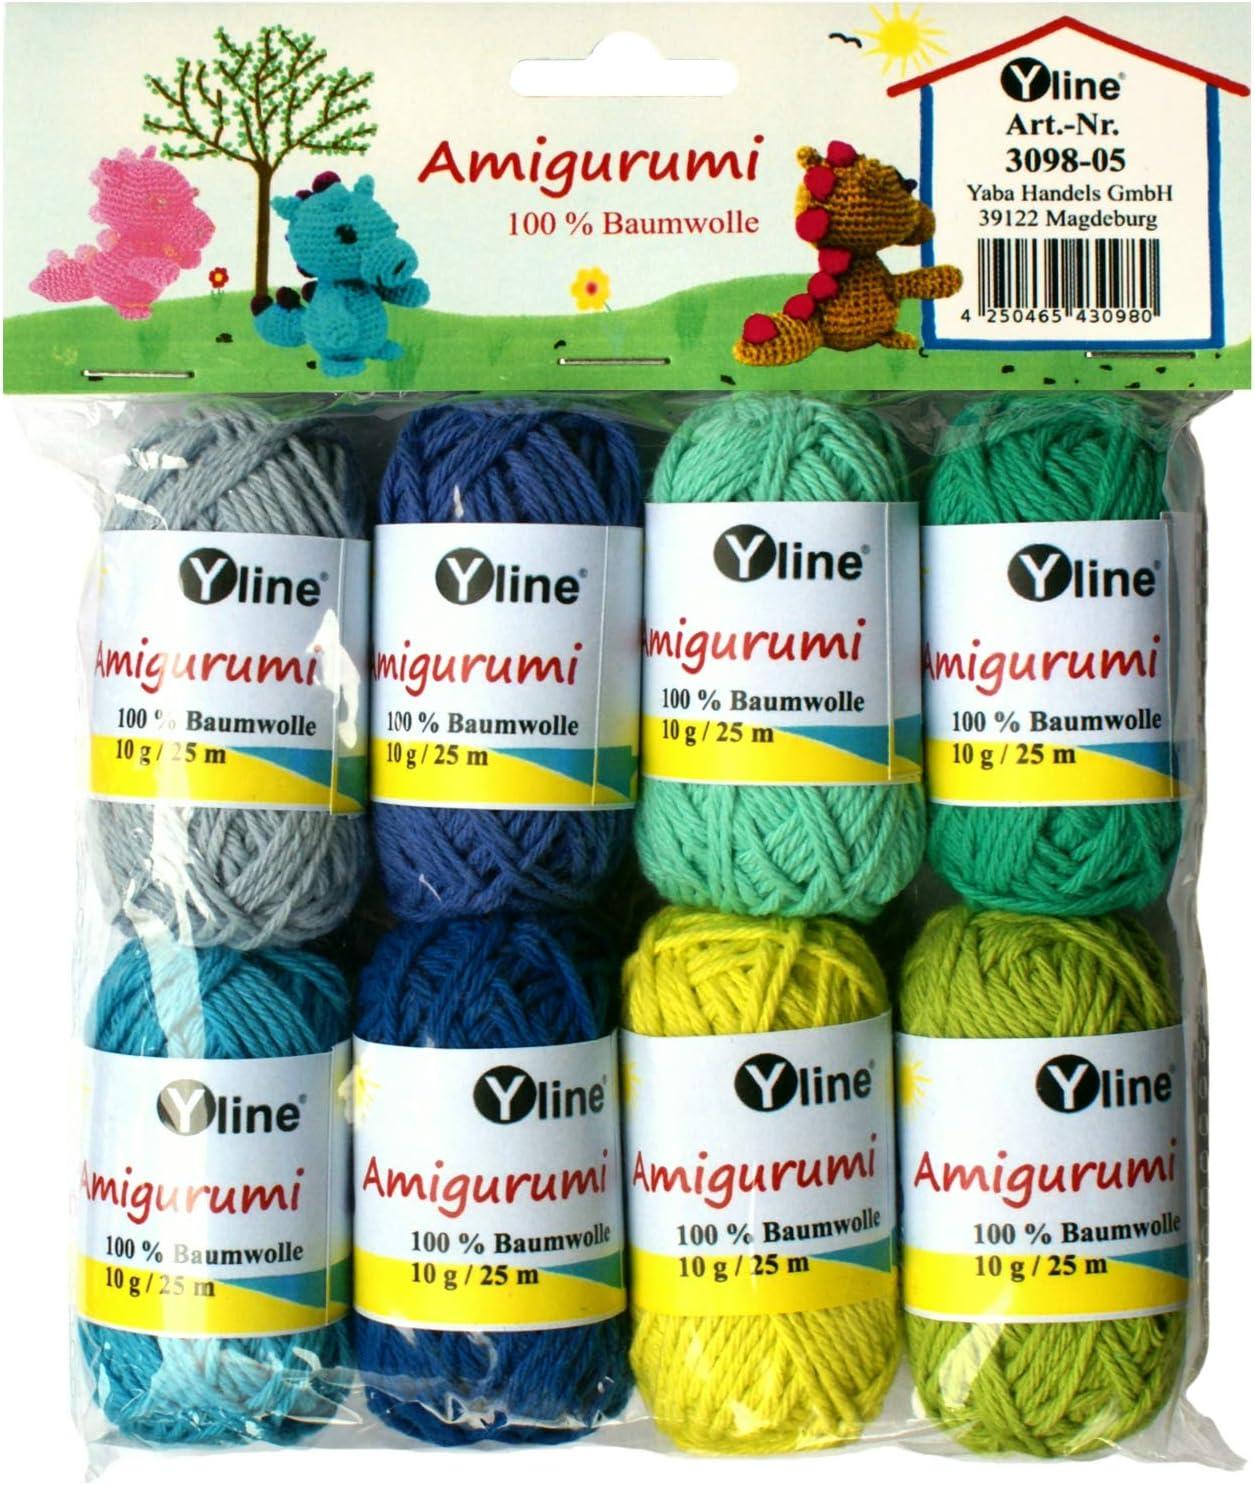 Juego de ovillos de lana Amigurumi de Yline. 10 g, 100% algodón, hilo, lana de punto, hilo de ganchillo, 3098-05: Amazon.es: Hogar